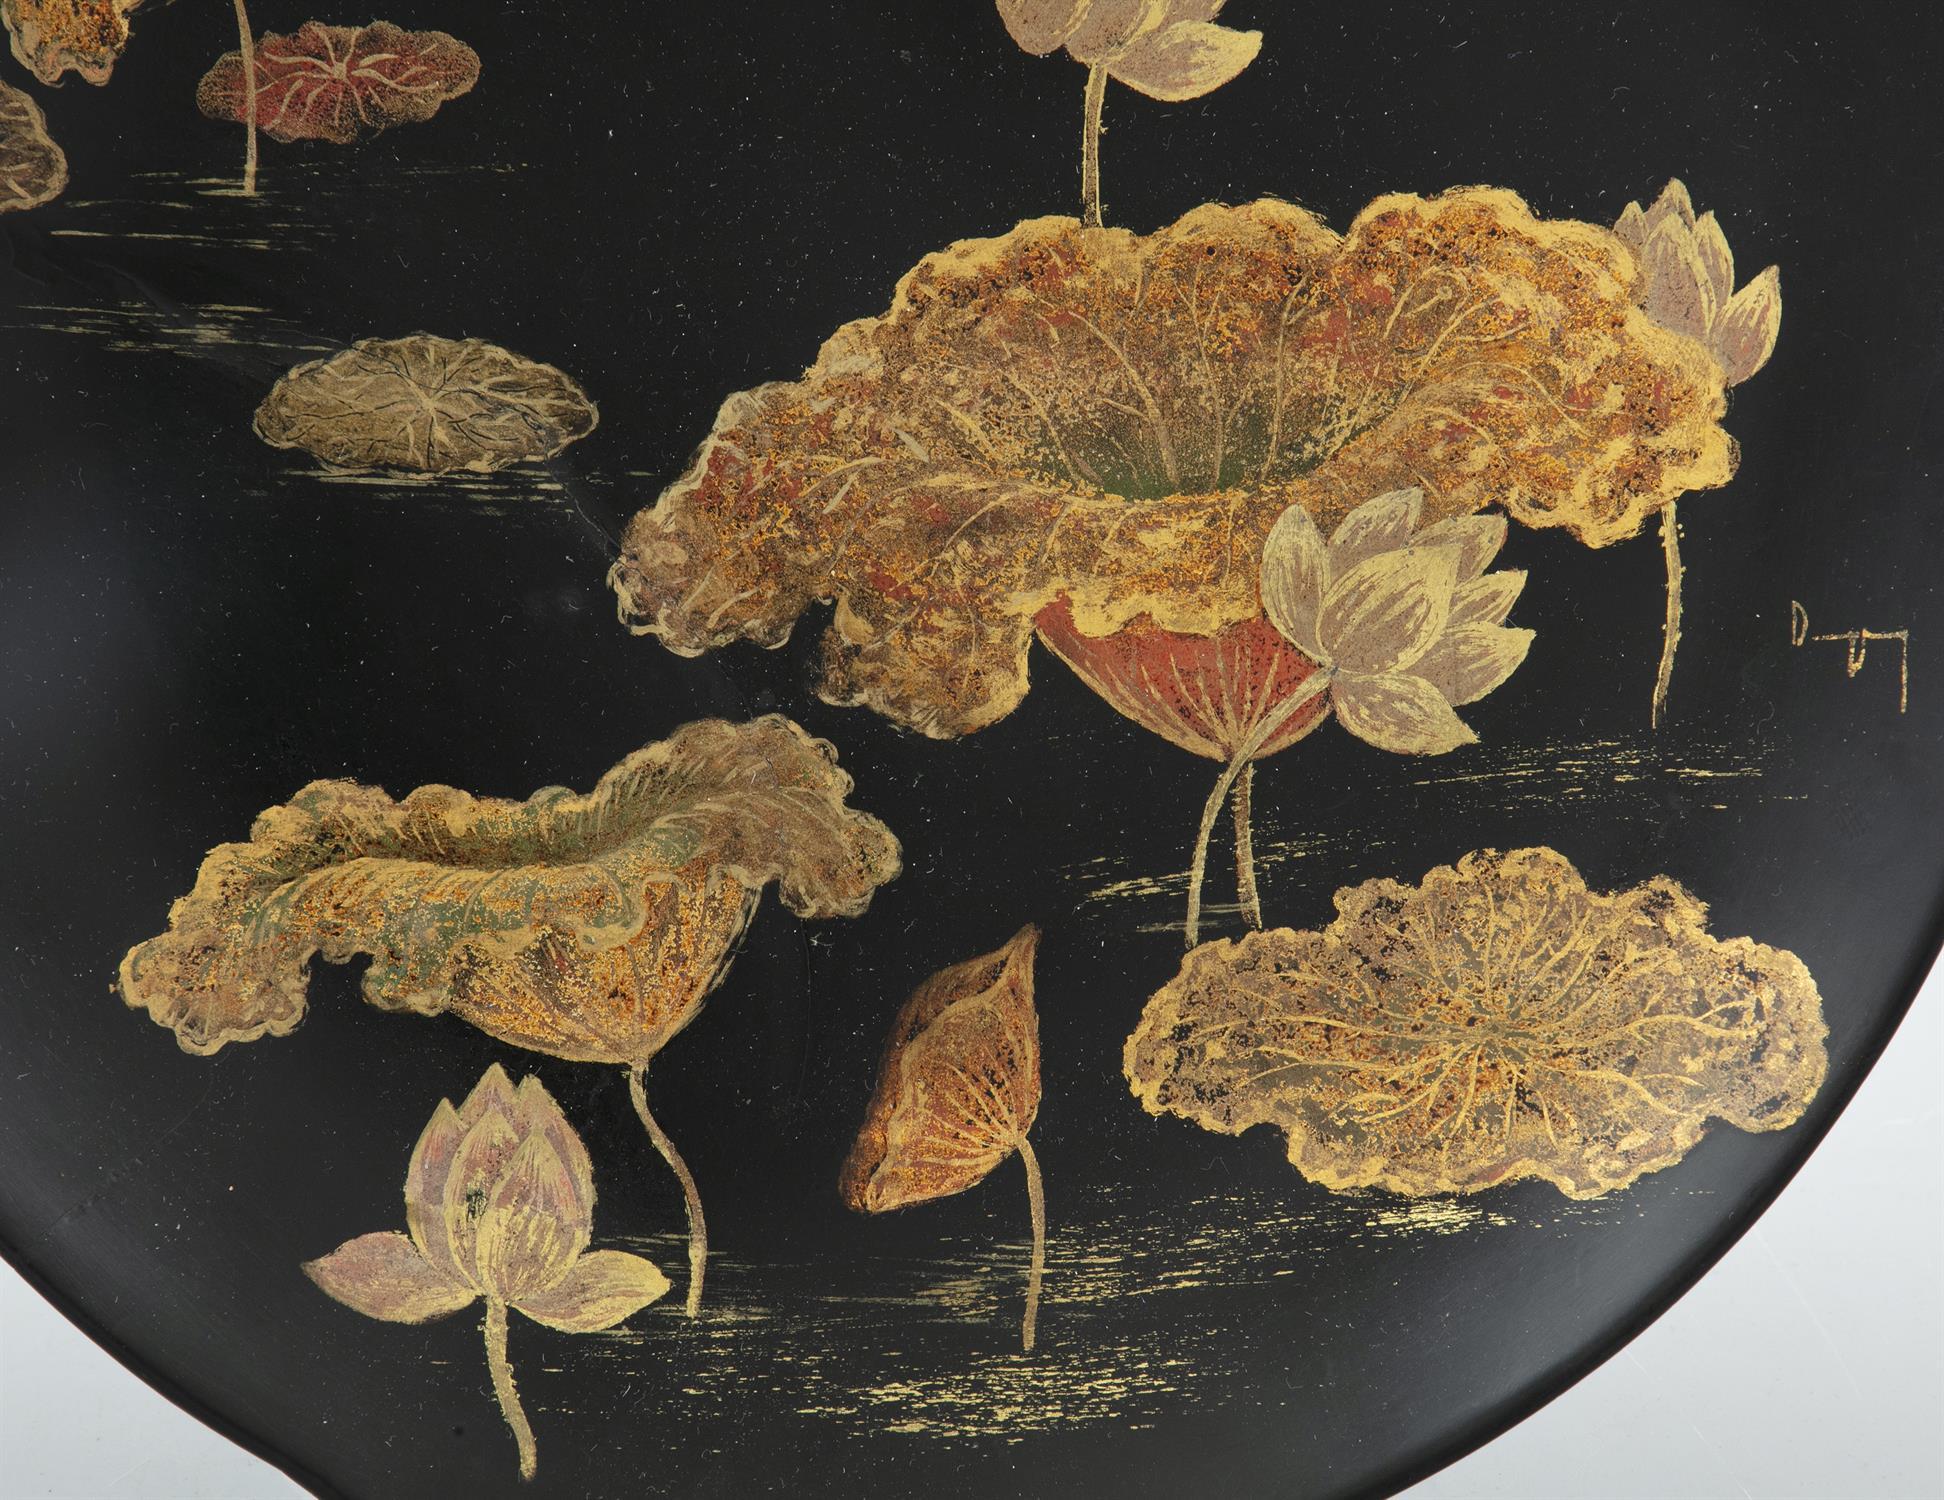 TRAN PHUC DUYEN (1923-1993) ECOLE DES BEAUX-ARTS DE L'INDOCHINE (INDOCHINA FINE ARTS COLLEGE), - Image 5 of 12